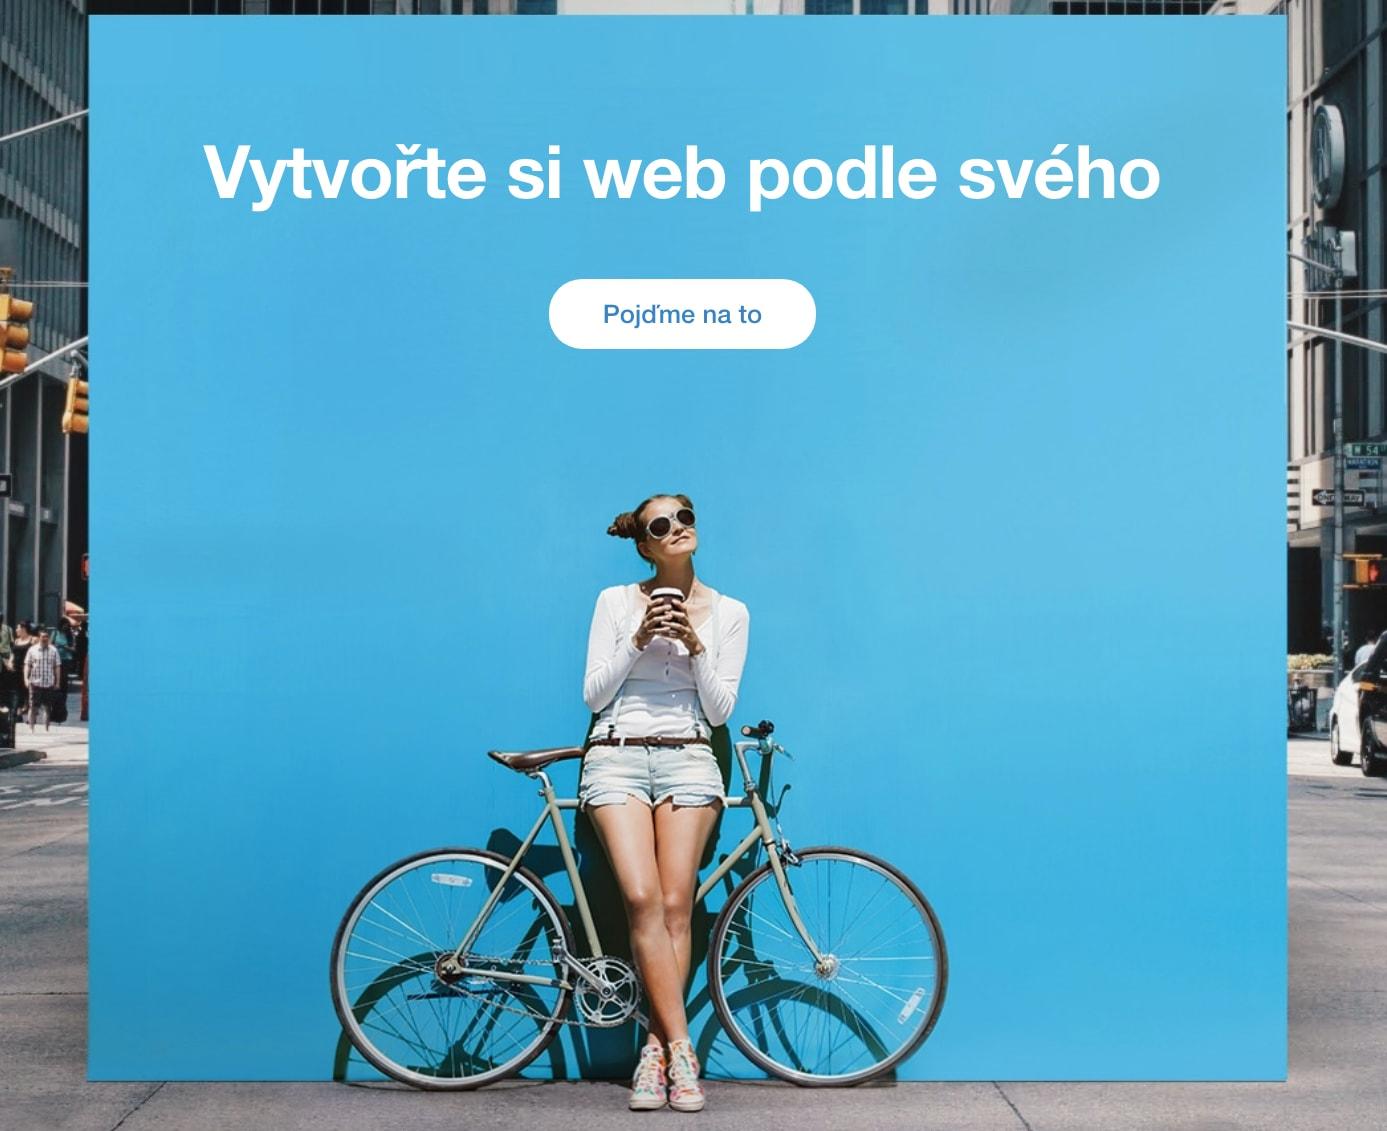 9 jednoduchých kroků, jak si vytvořit web na Wixu 2020 (+ obrázky)